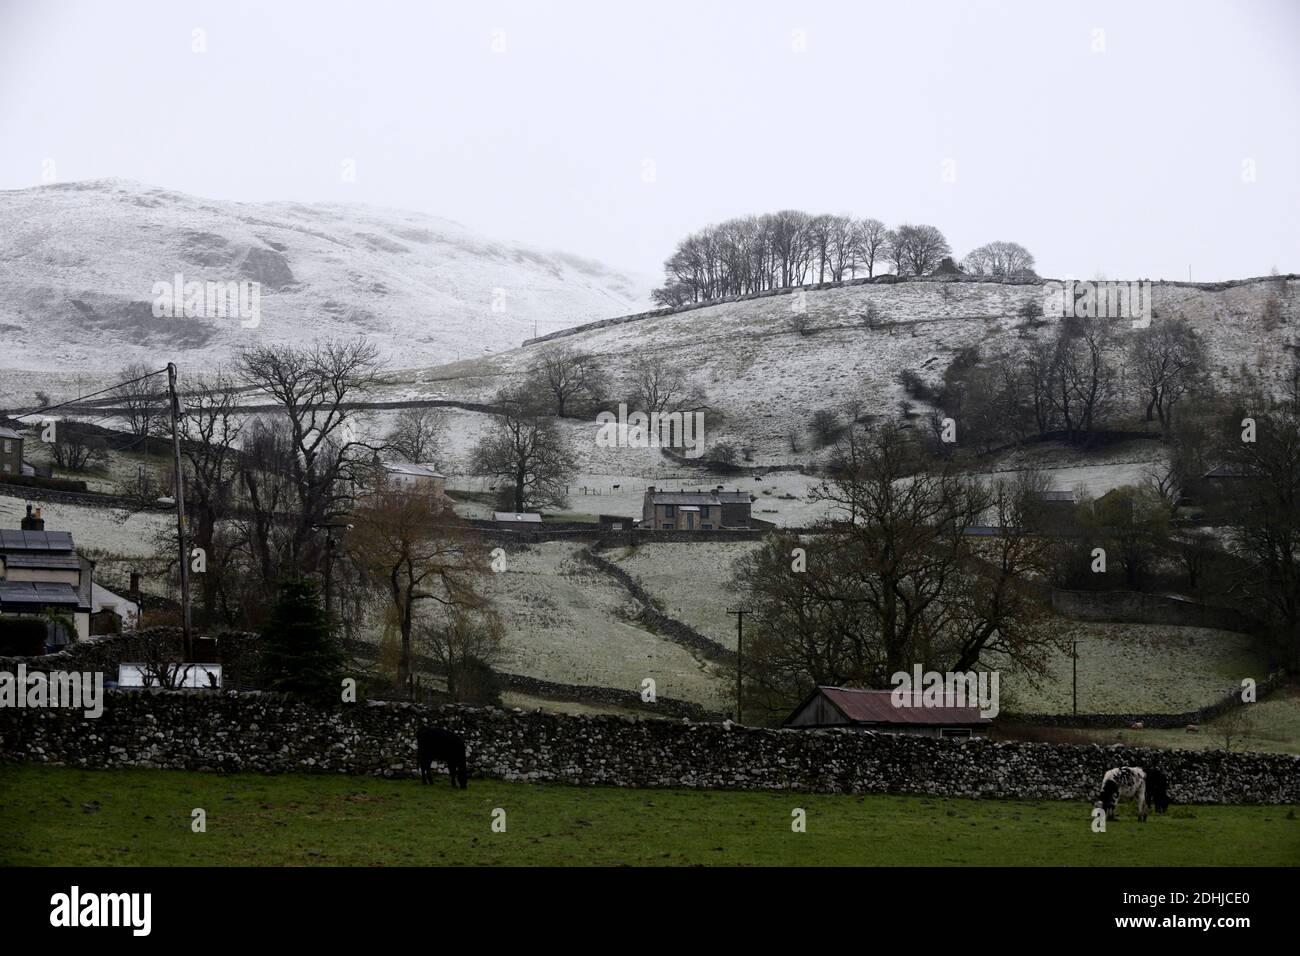 En la foto se ve una escena nevada en los valles de Yorkshire por encima del asentamiento.tiempo nieve invierno nevando Foto de stock